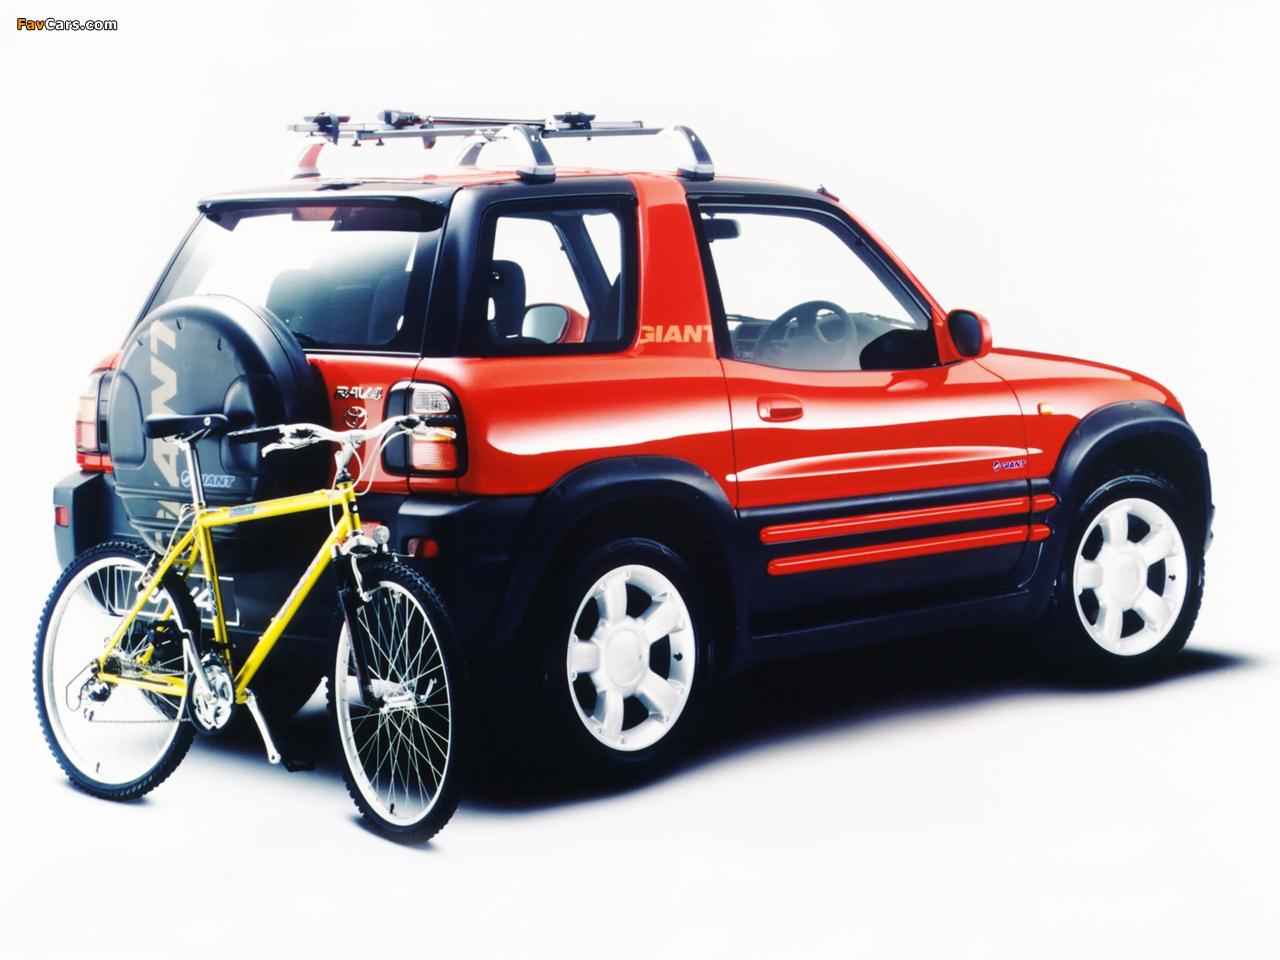 Toyota Rav4 3 Door Uk Spec 1998 2000 Wallpapers 1280x960